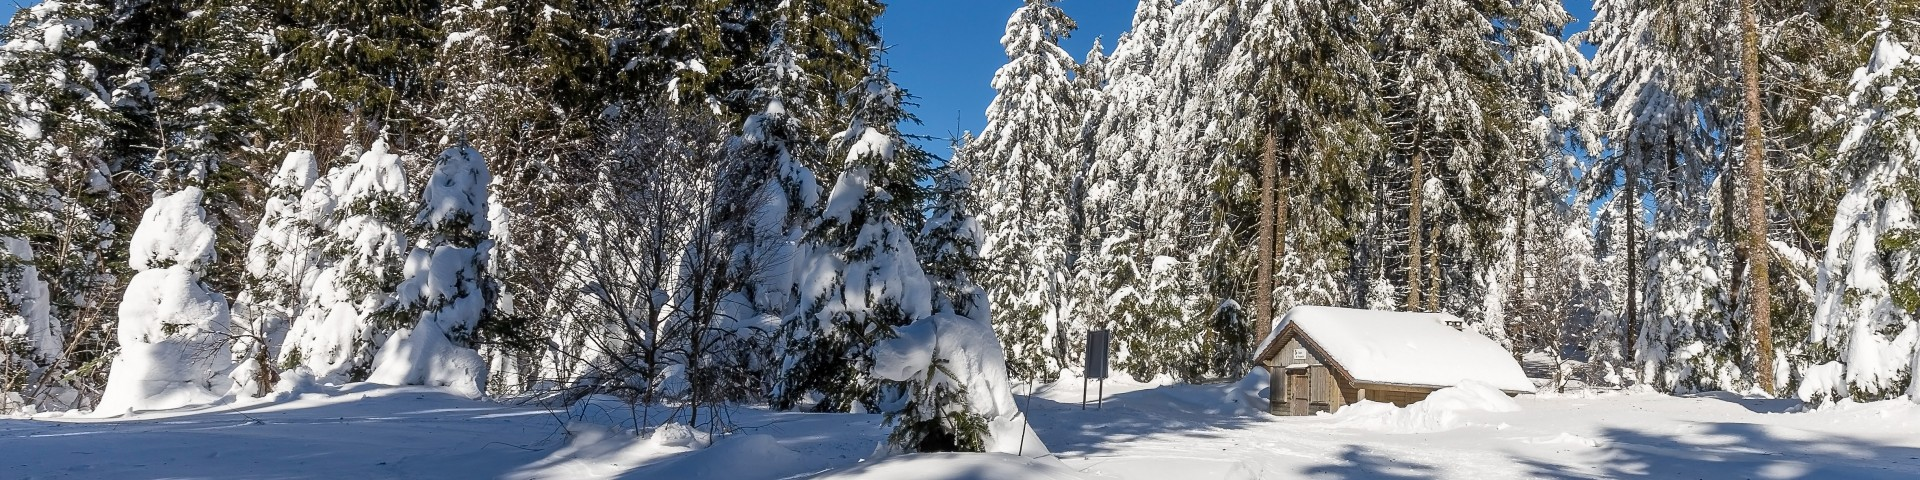 dominique-steinel-neige285-001-8-3876